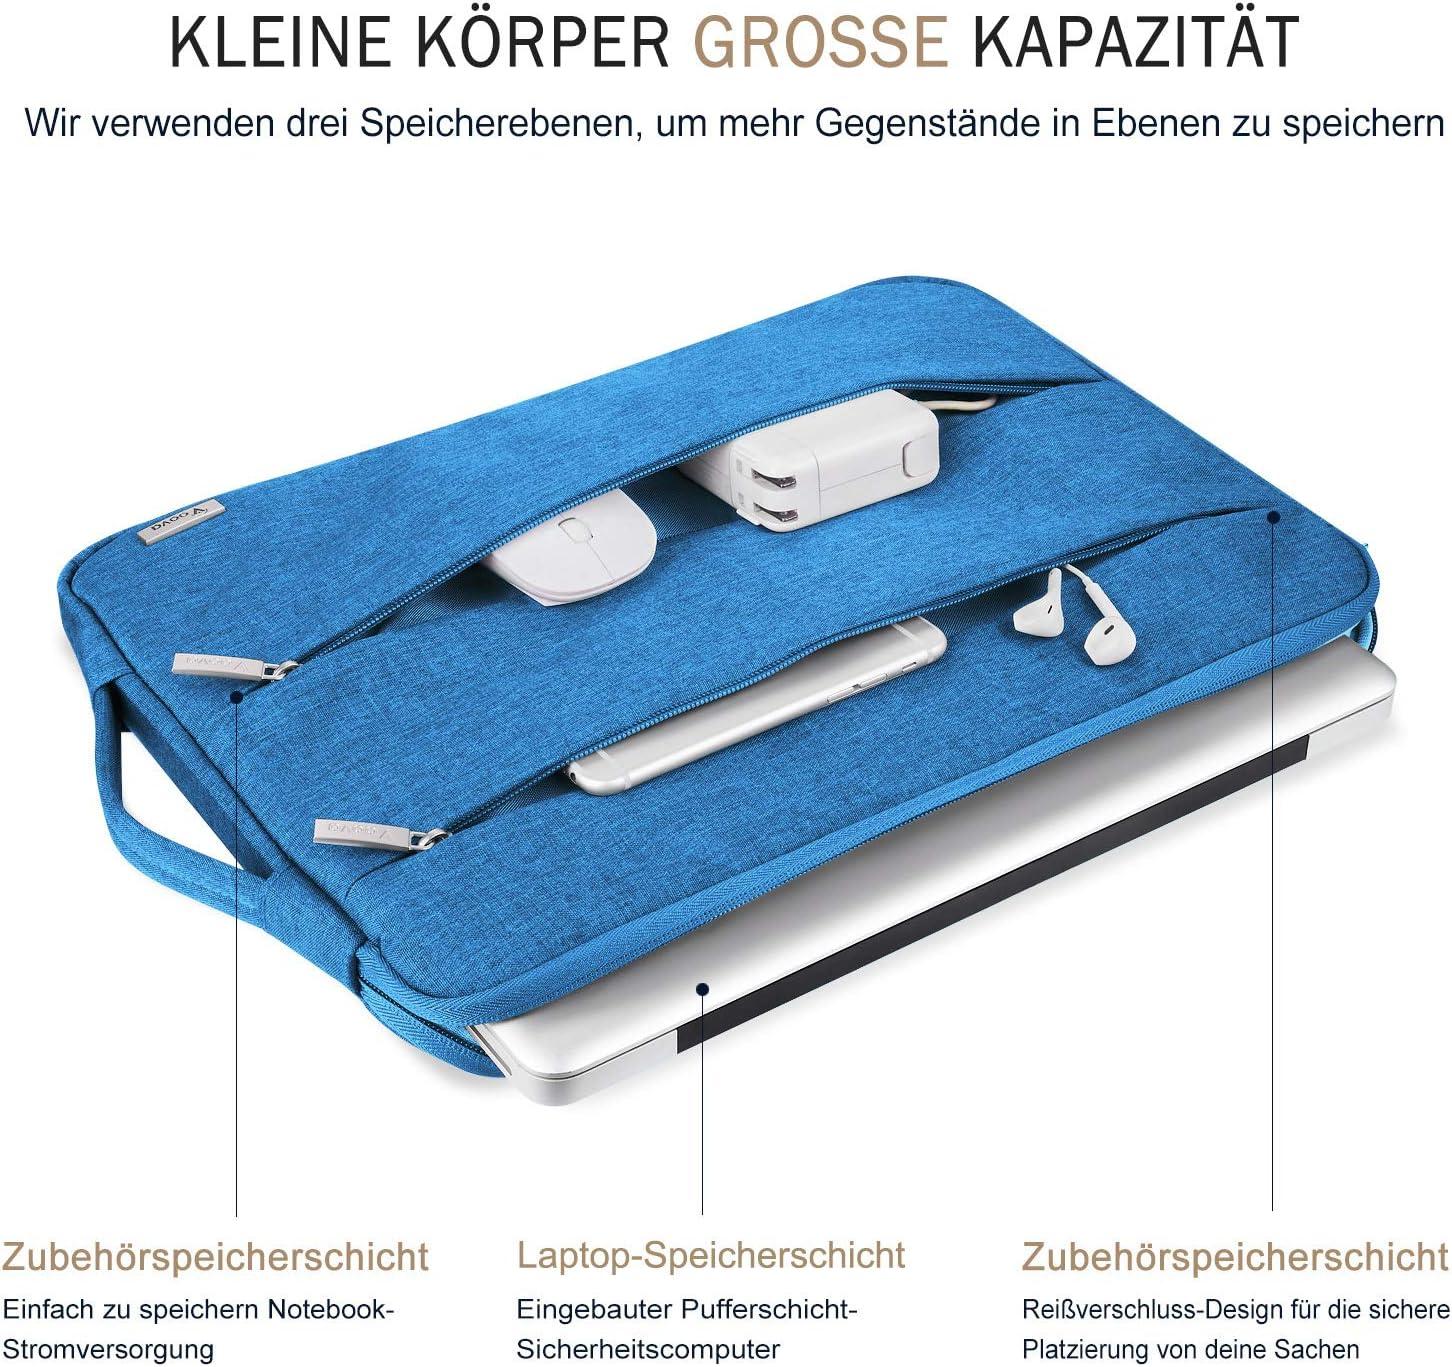 Voova Laptop Tasche 15.6 Zoll 15 Zoll mit Griff,wasserdichte Laptoptasche 15.6 Zoll H/ülle Sleeve f/ür MacBook 15.4//Surface 15//Dell XPS 15//Chromebook mit 2 Taschen,Notebook Laptoph/ülle Case-Pink Frau